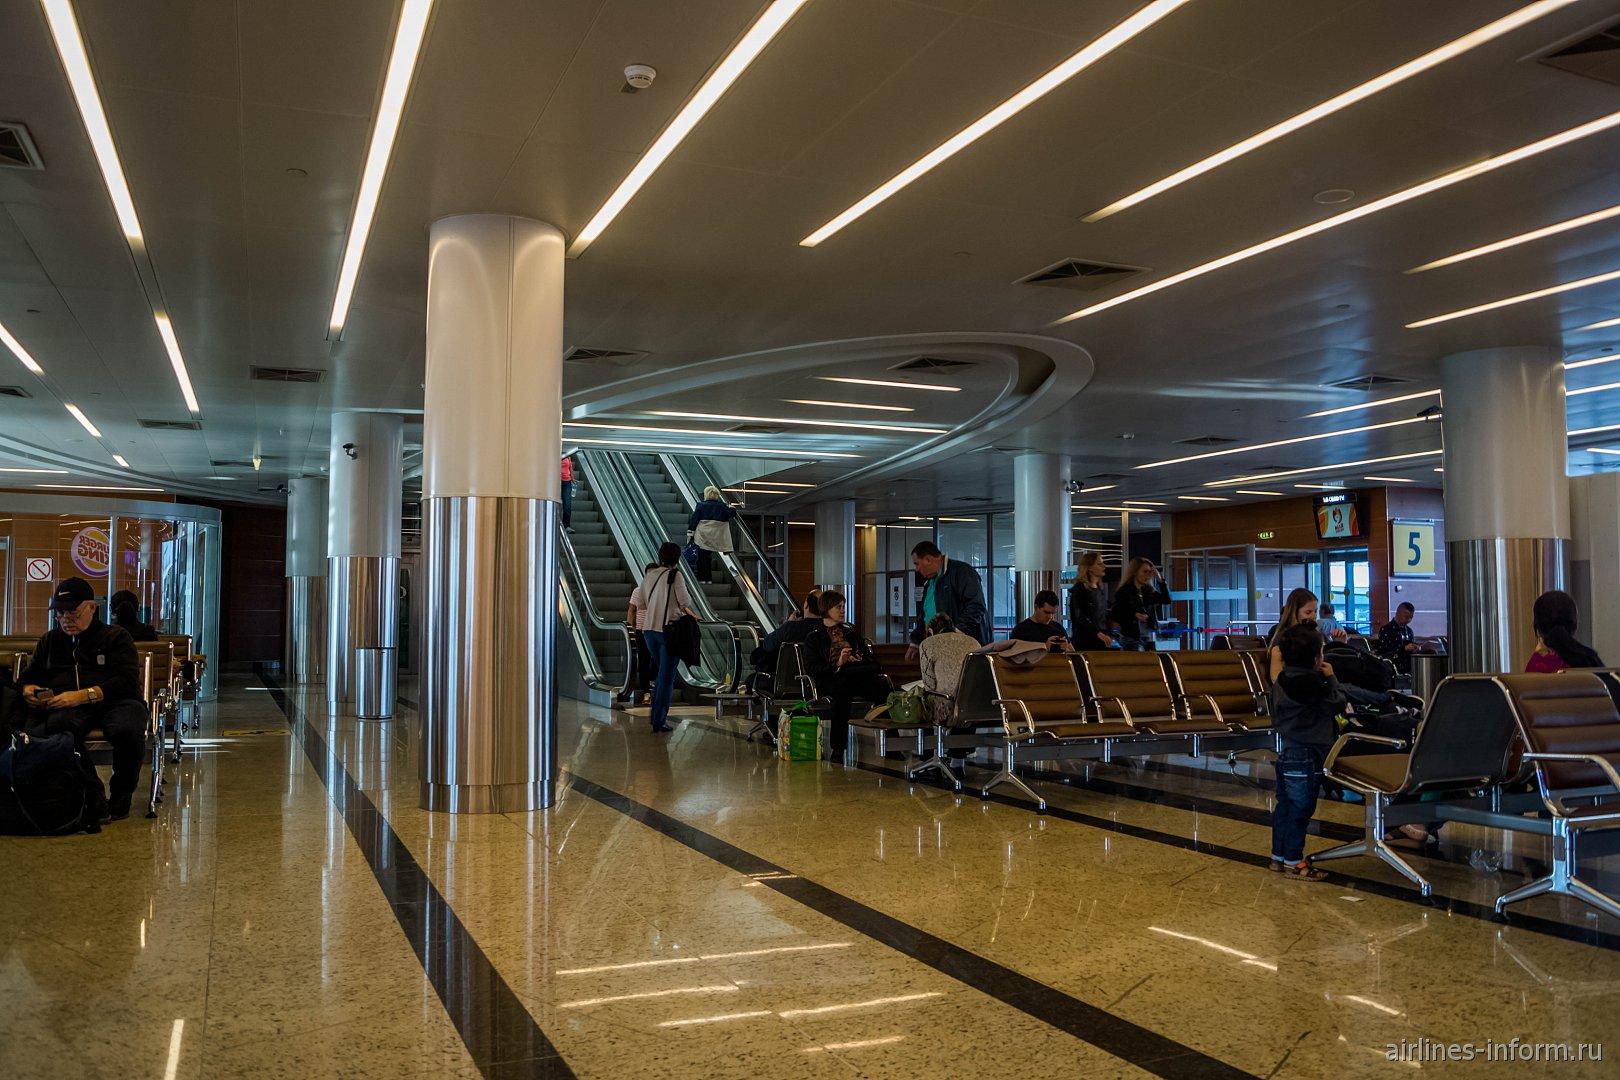 """Накопитель у """"автобусных"""" выходов на посадку в терминале D аэропорта Шереметьево"""